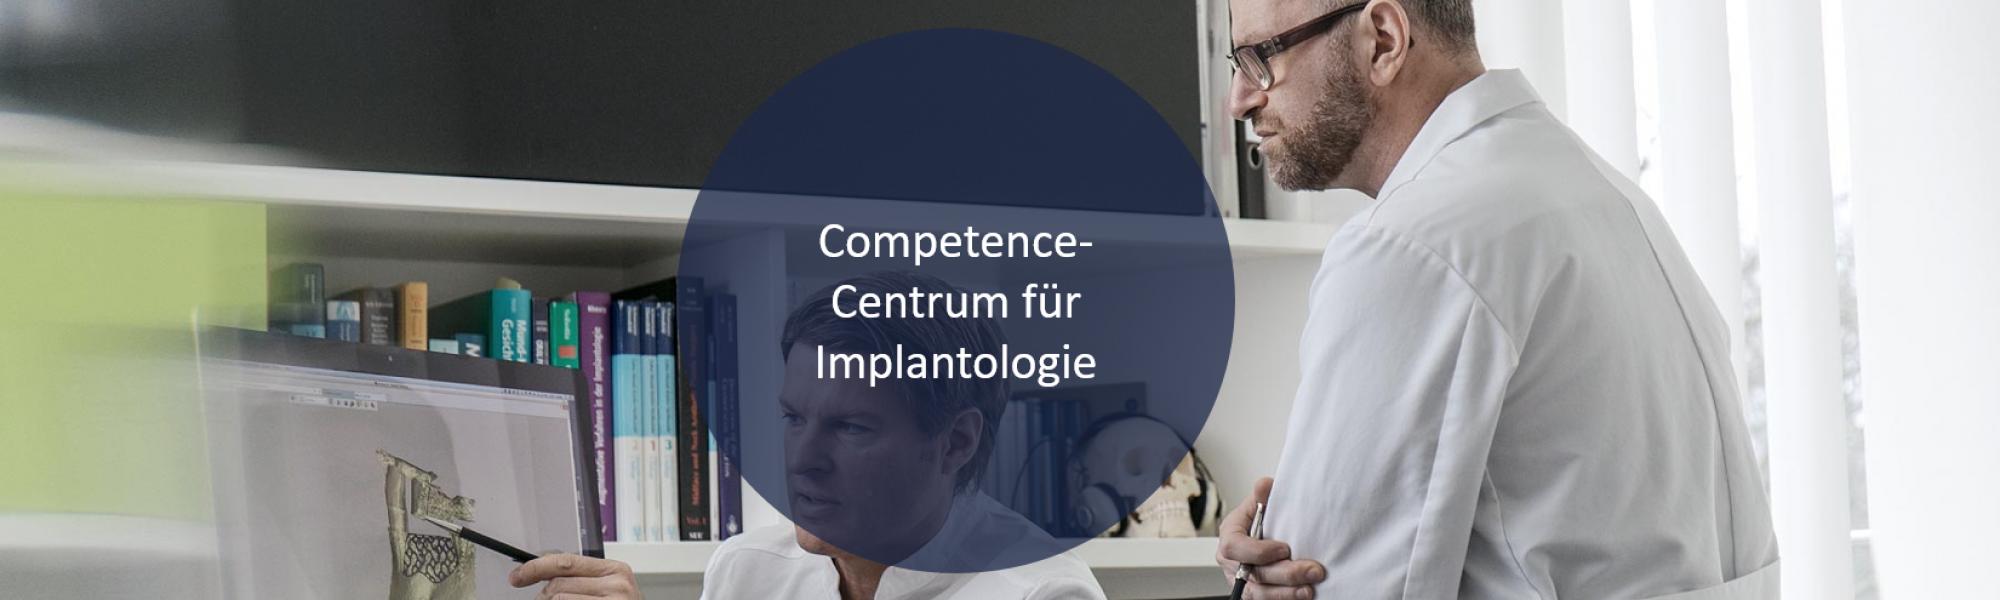 Das Competence-Centrum für Implantologie bei Groisman & Laube in Frankfurt